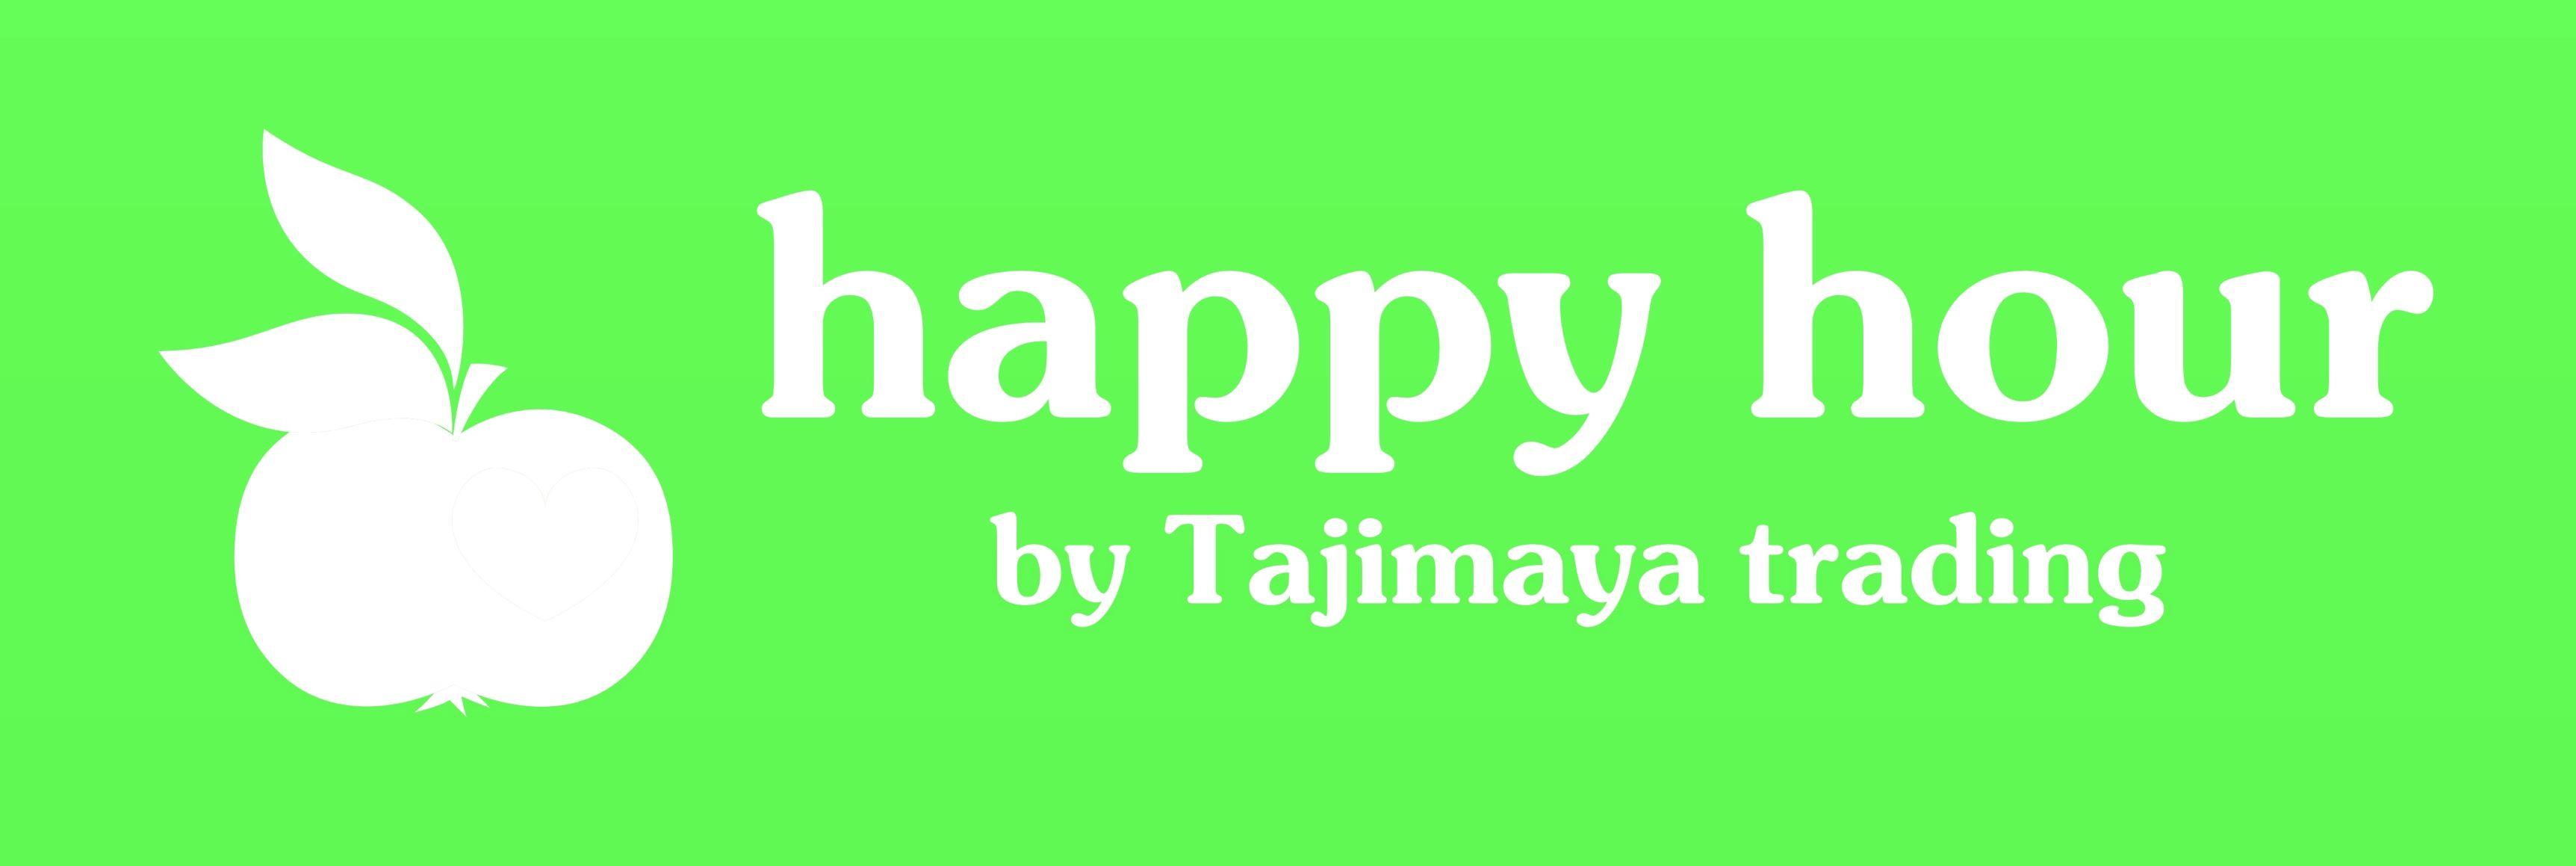 happy hour by Tajimaya trading